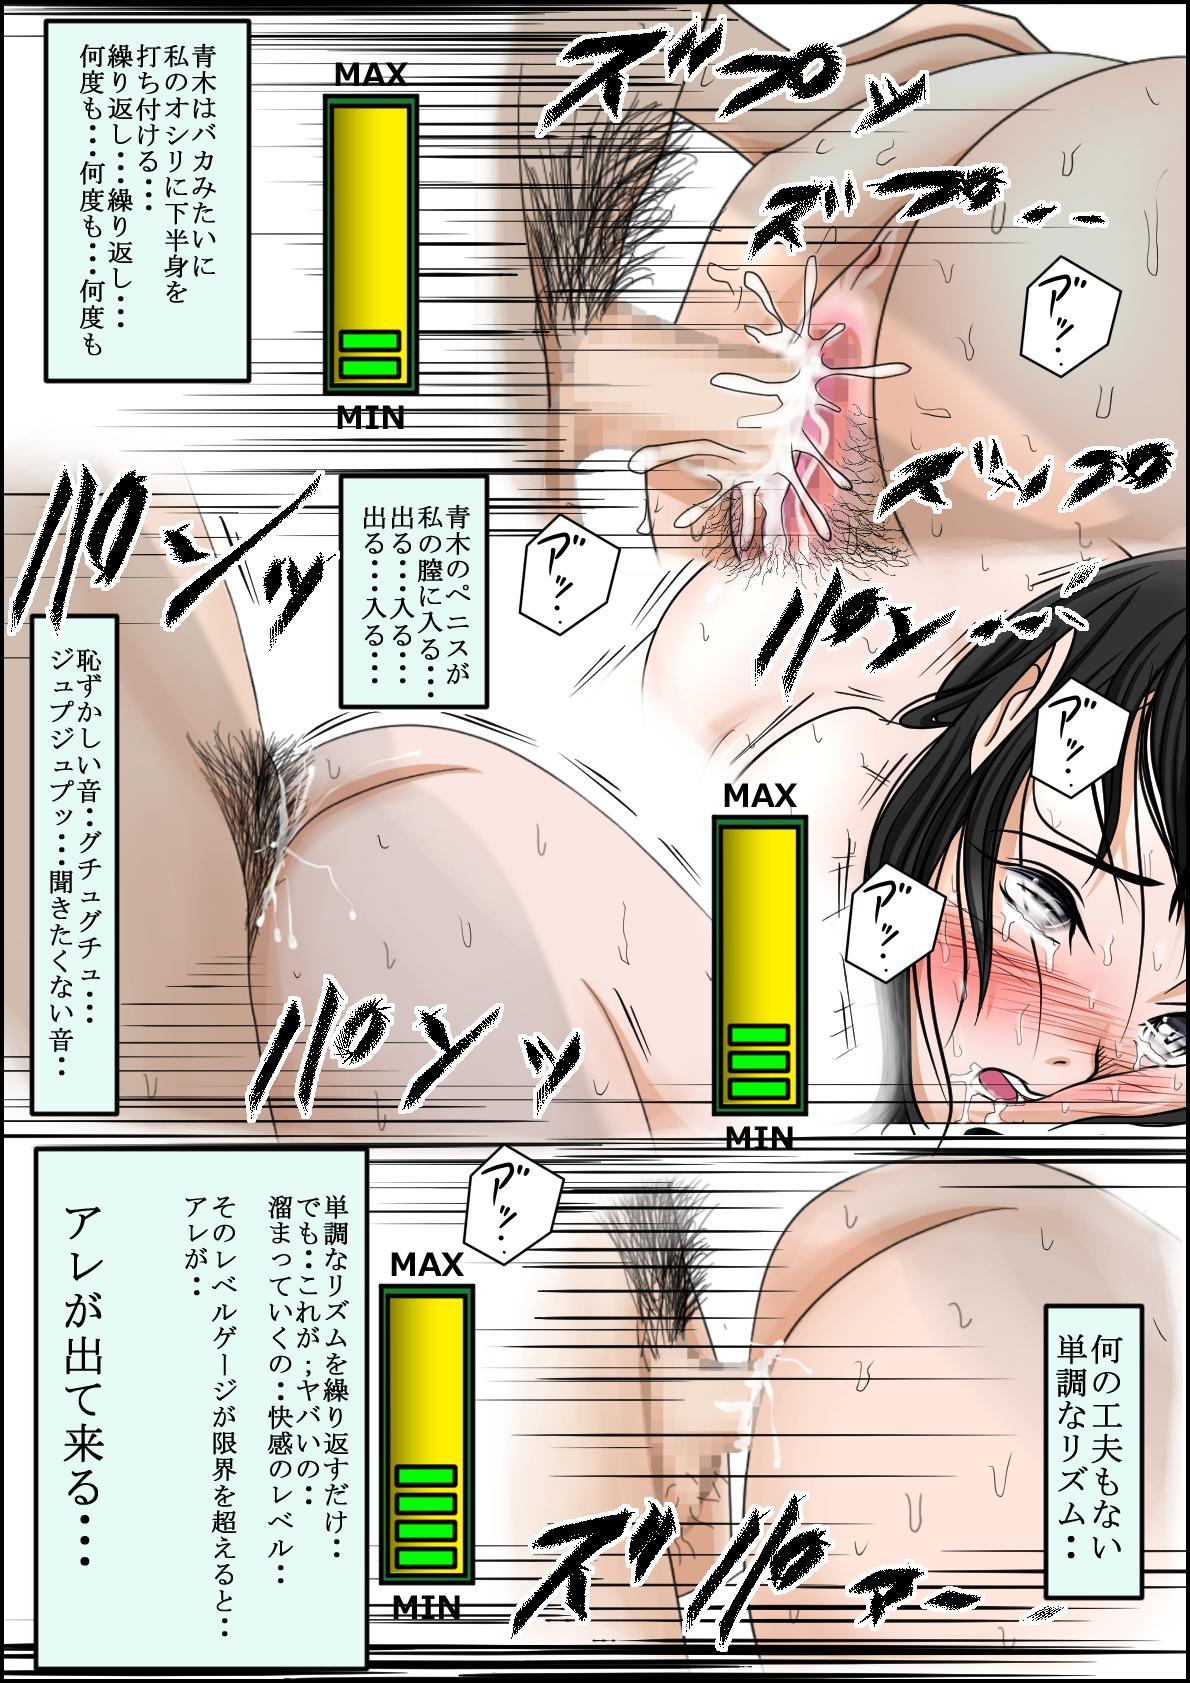 Aa, Senpai no Oniku, Yappa Yawarakaissu Vol. 6 3